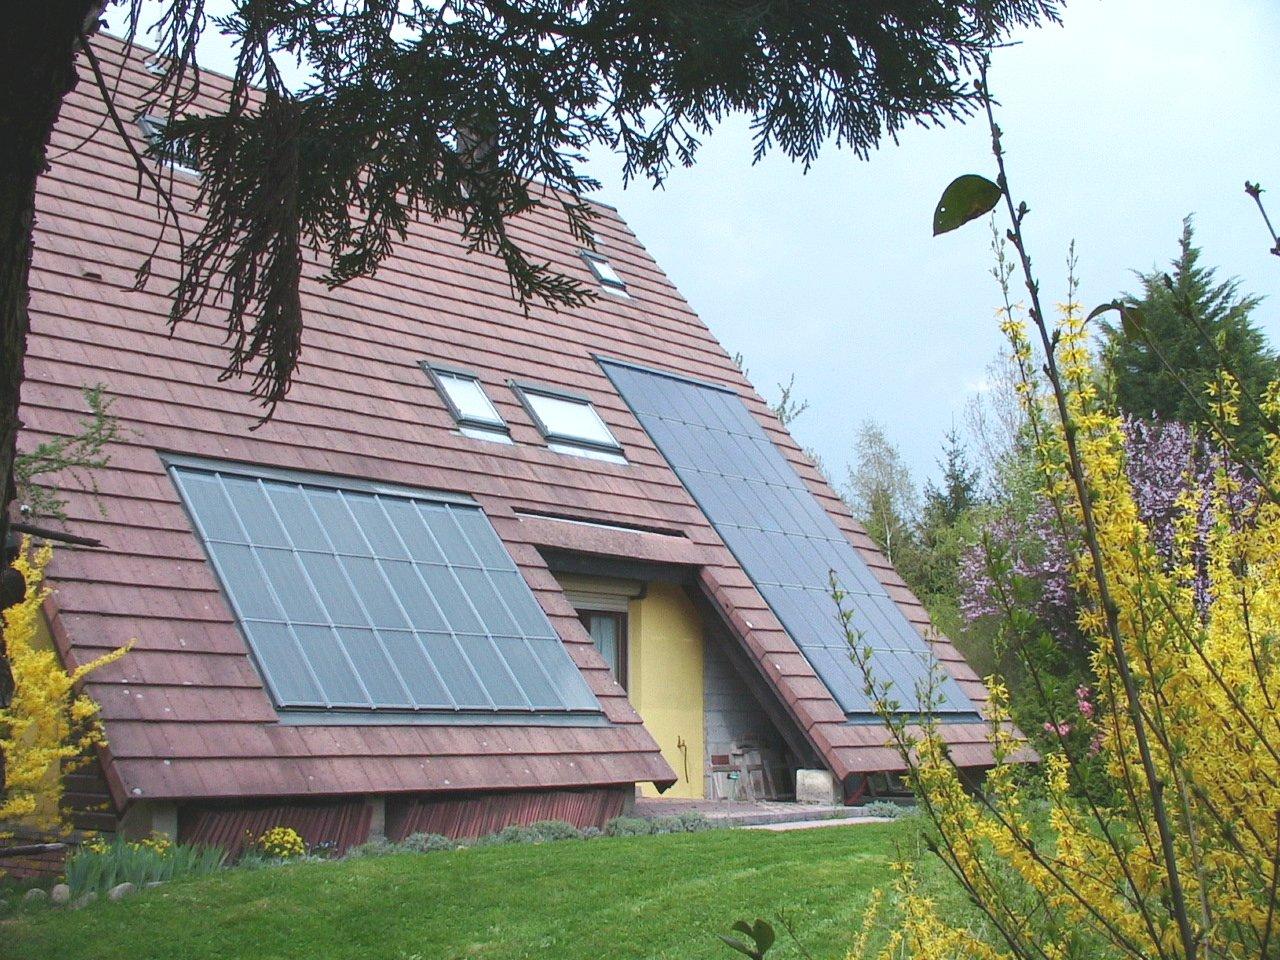 Fichier:Panneaux solaires thermique et PV.jpg — Wikipédia